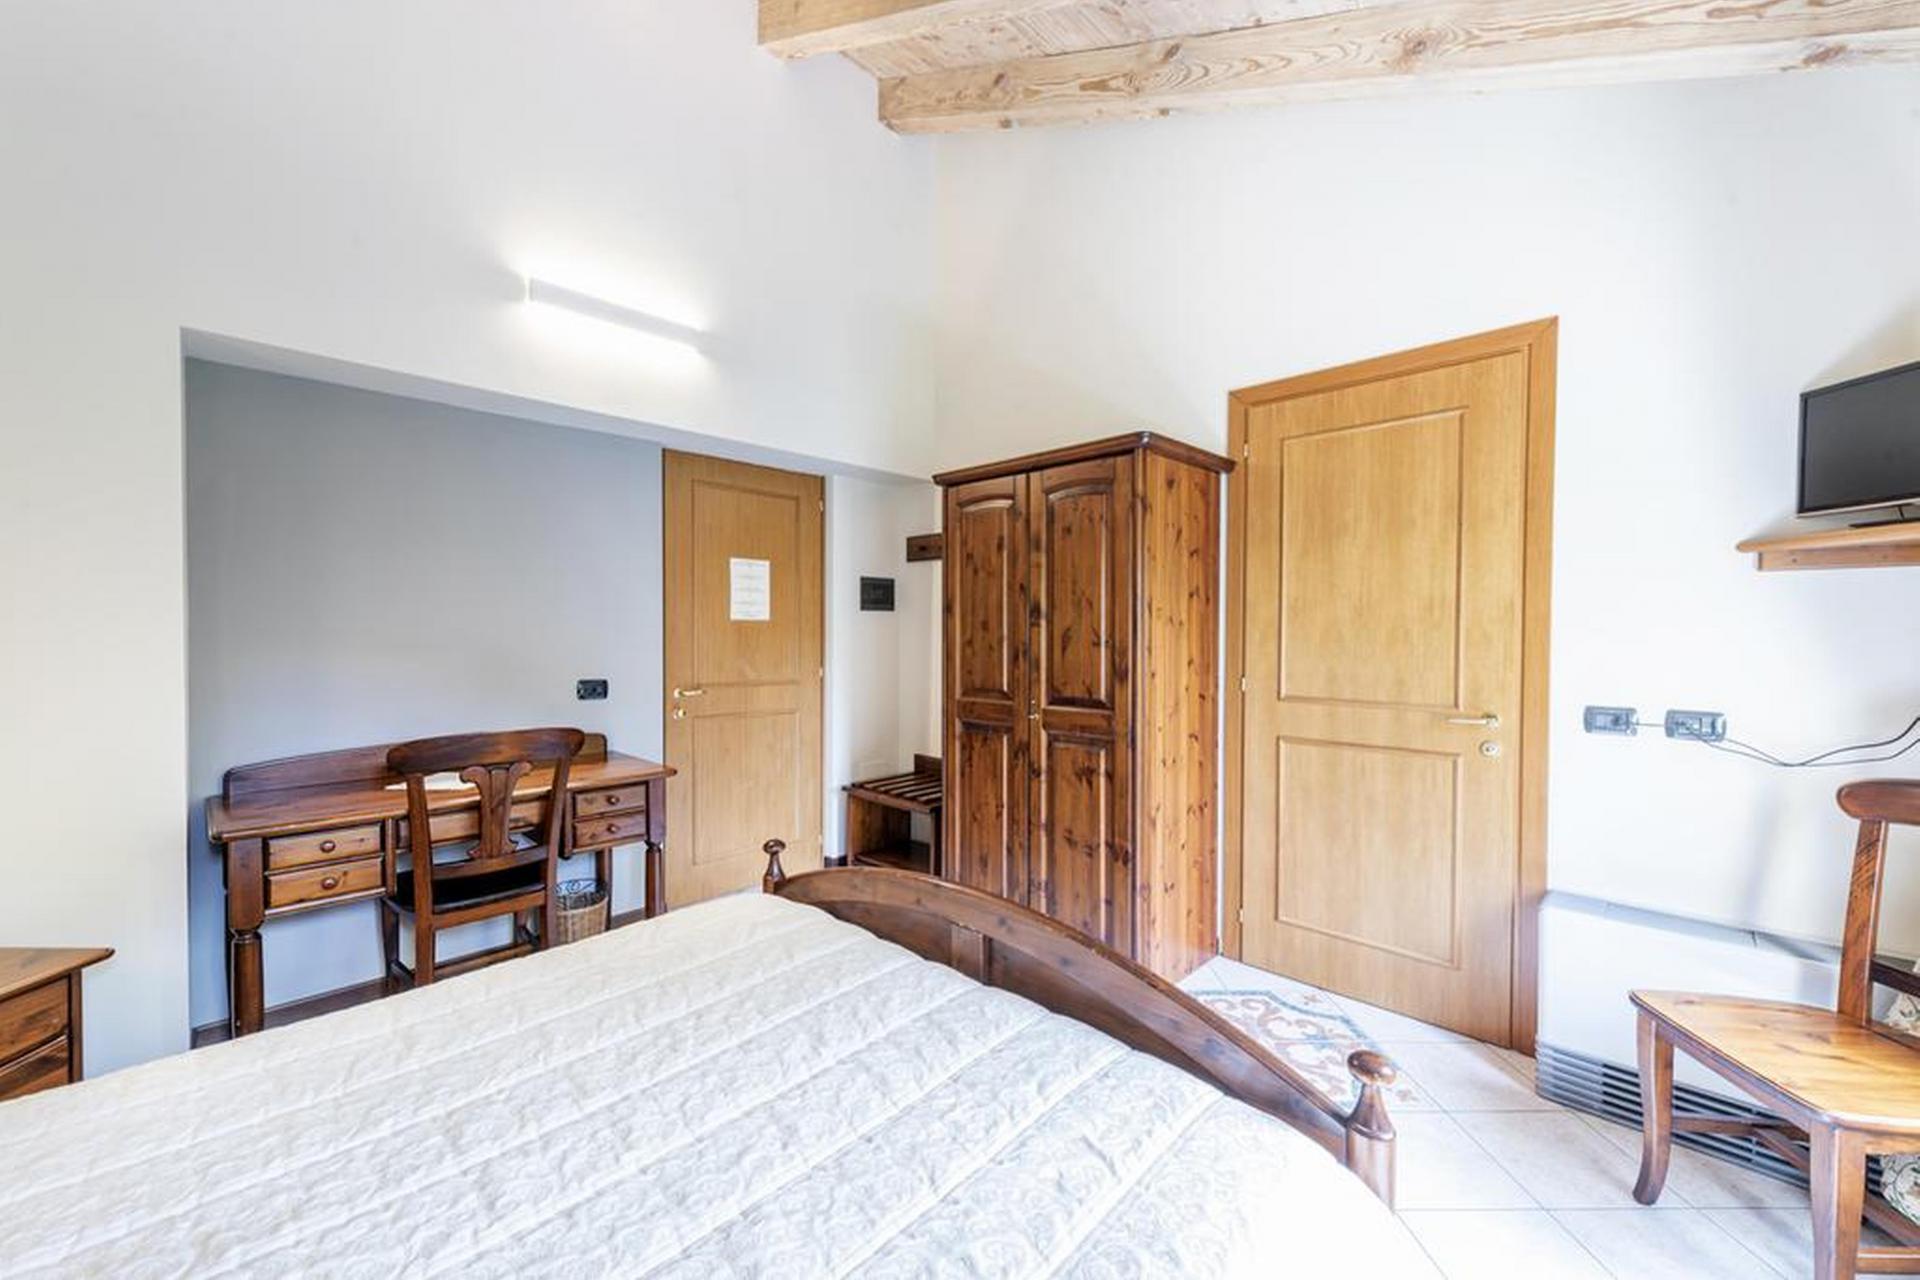 Agriturismo Comer See und Gardasee Gemütliche Unterkunft mit Restaurant  - Comer See   myitalyselection.de